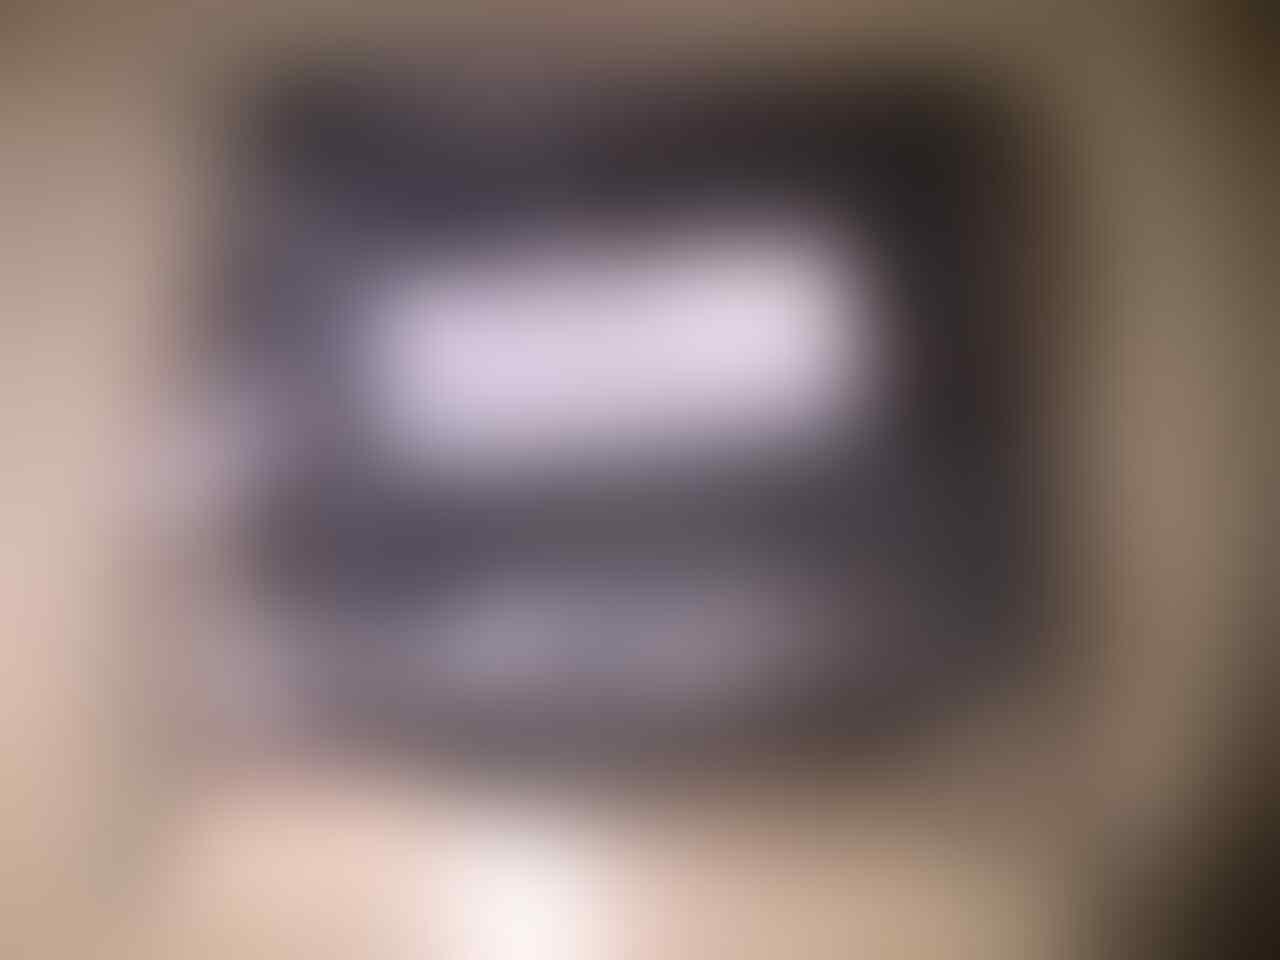 blackberry bellagio 9790 black 6 bulan pakai garansi tam [bandung]